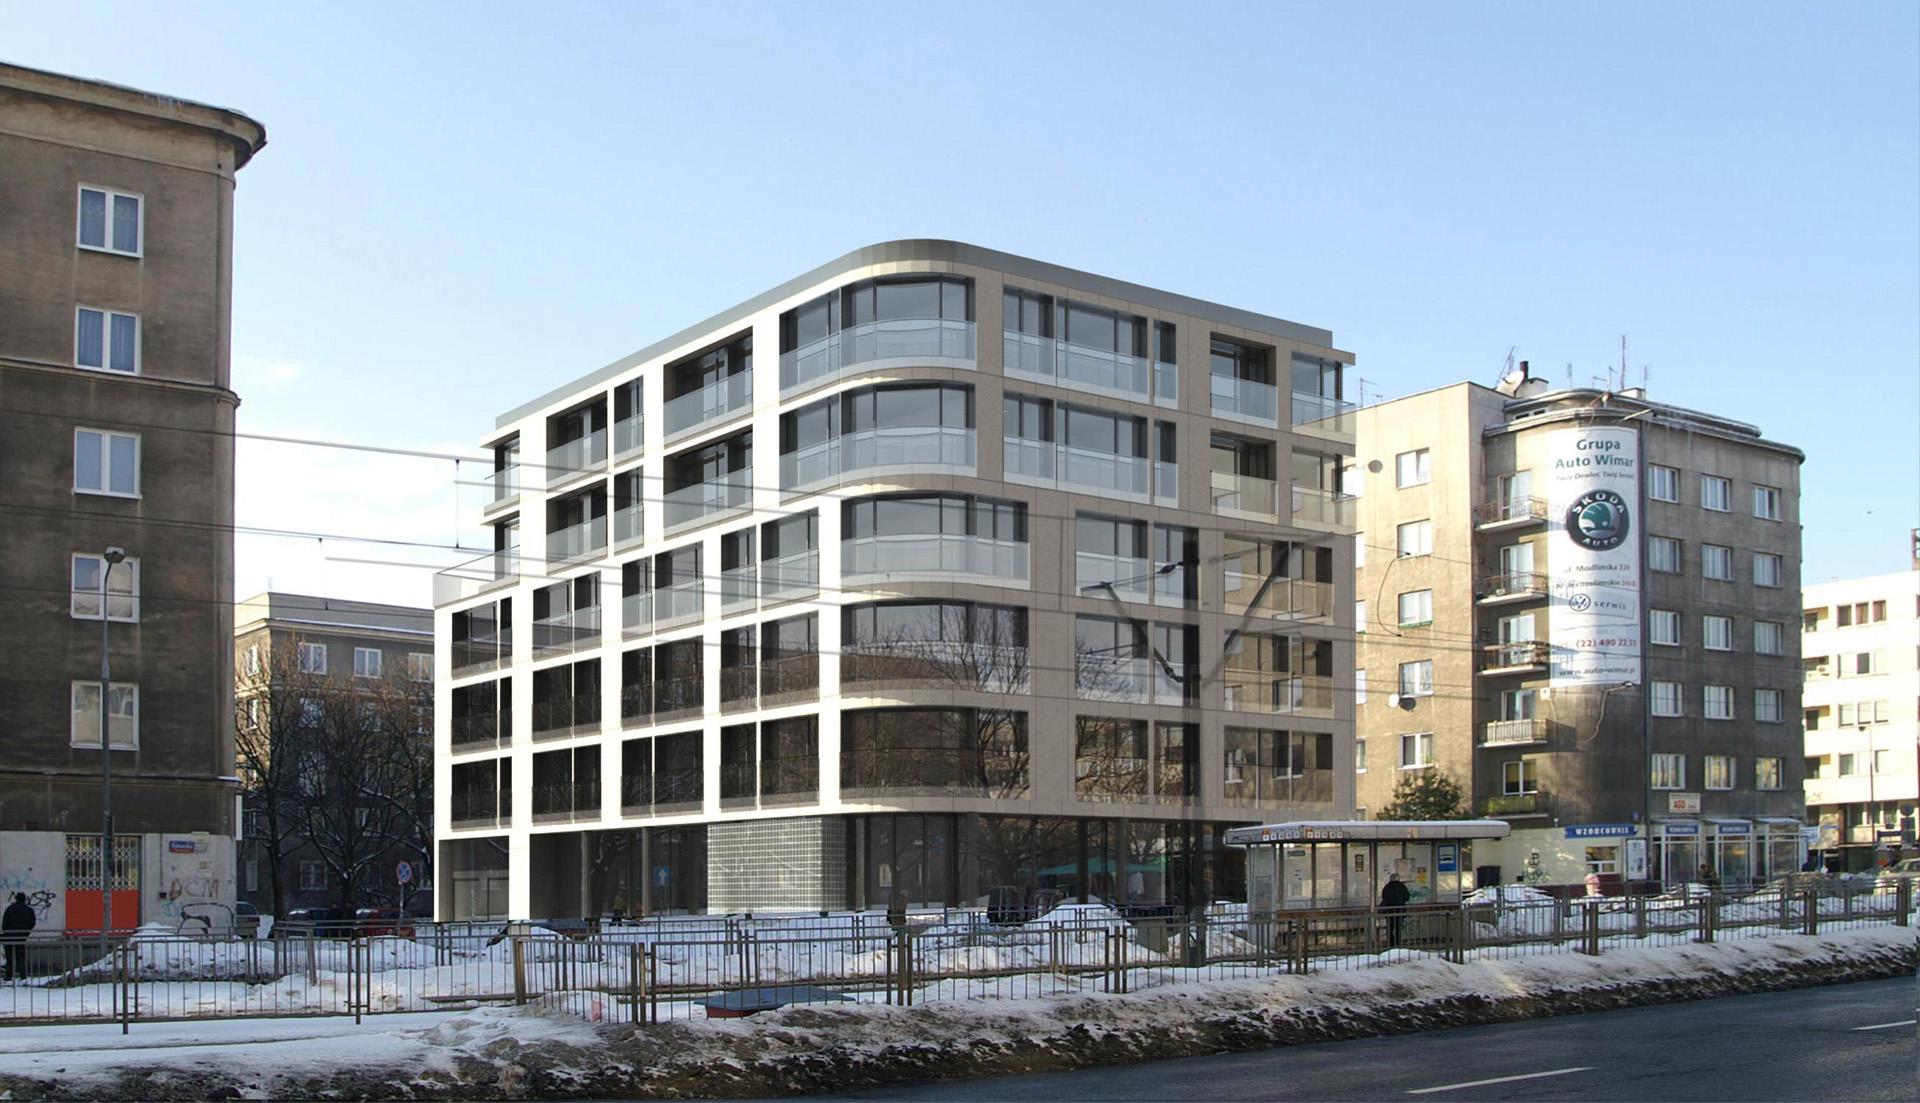 Budynek wielorodzinny przy ul. Olesińskiej w Warszawie. Projekt Baza Architekci.